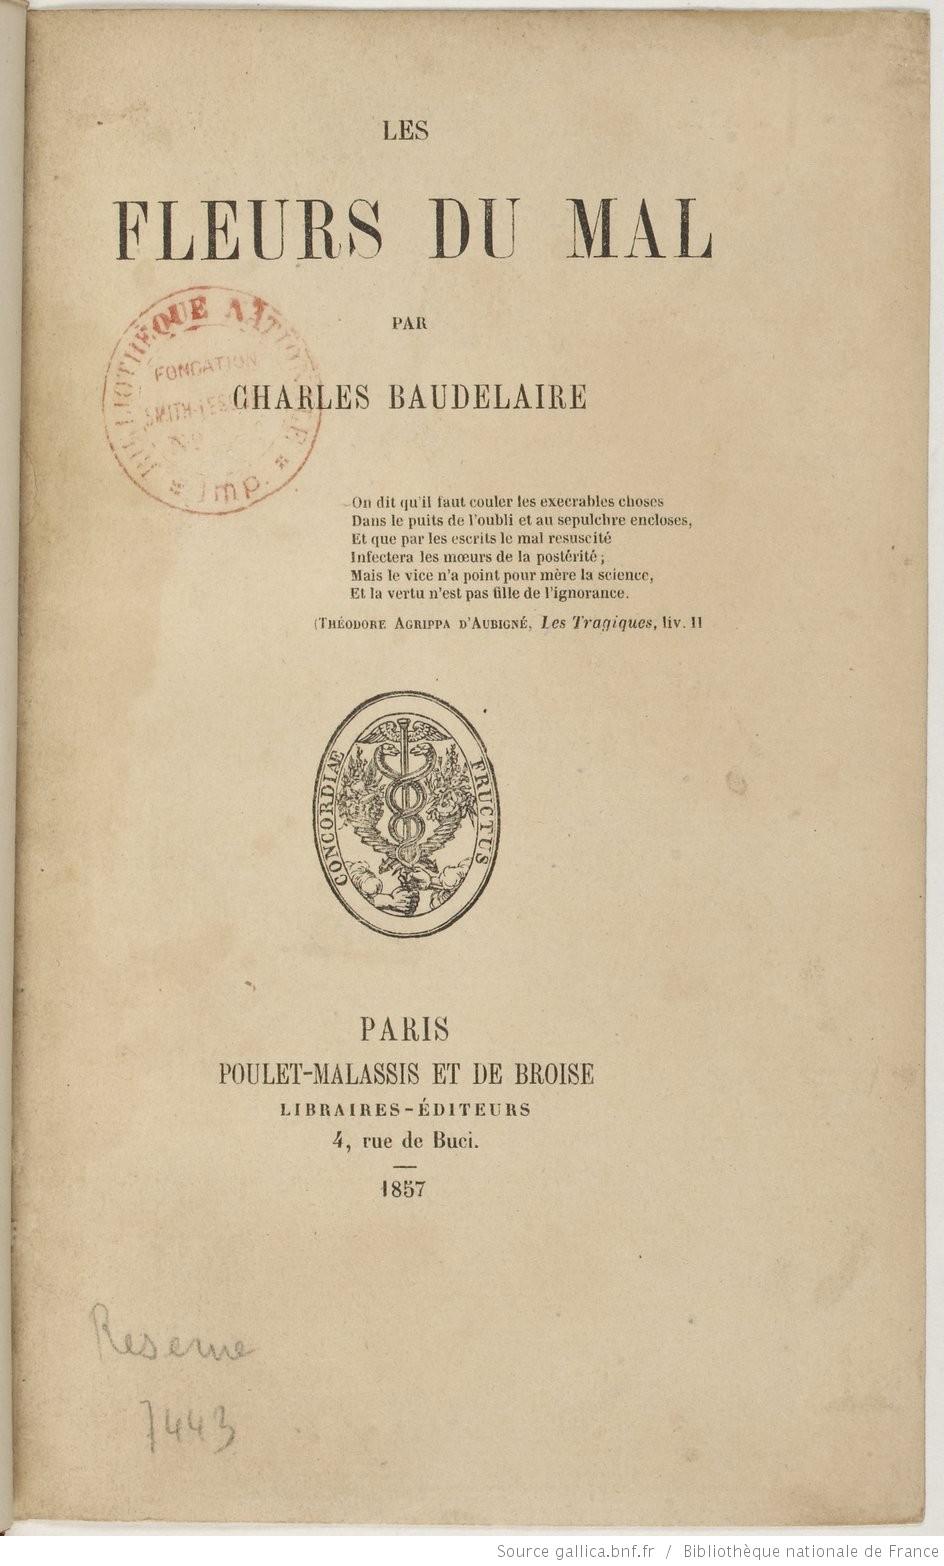 Couverture des Fleurs du Mal de Baudelaire 1857 sur Hollande